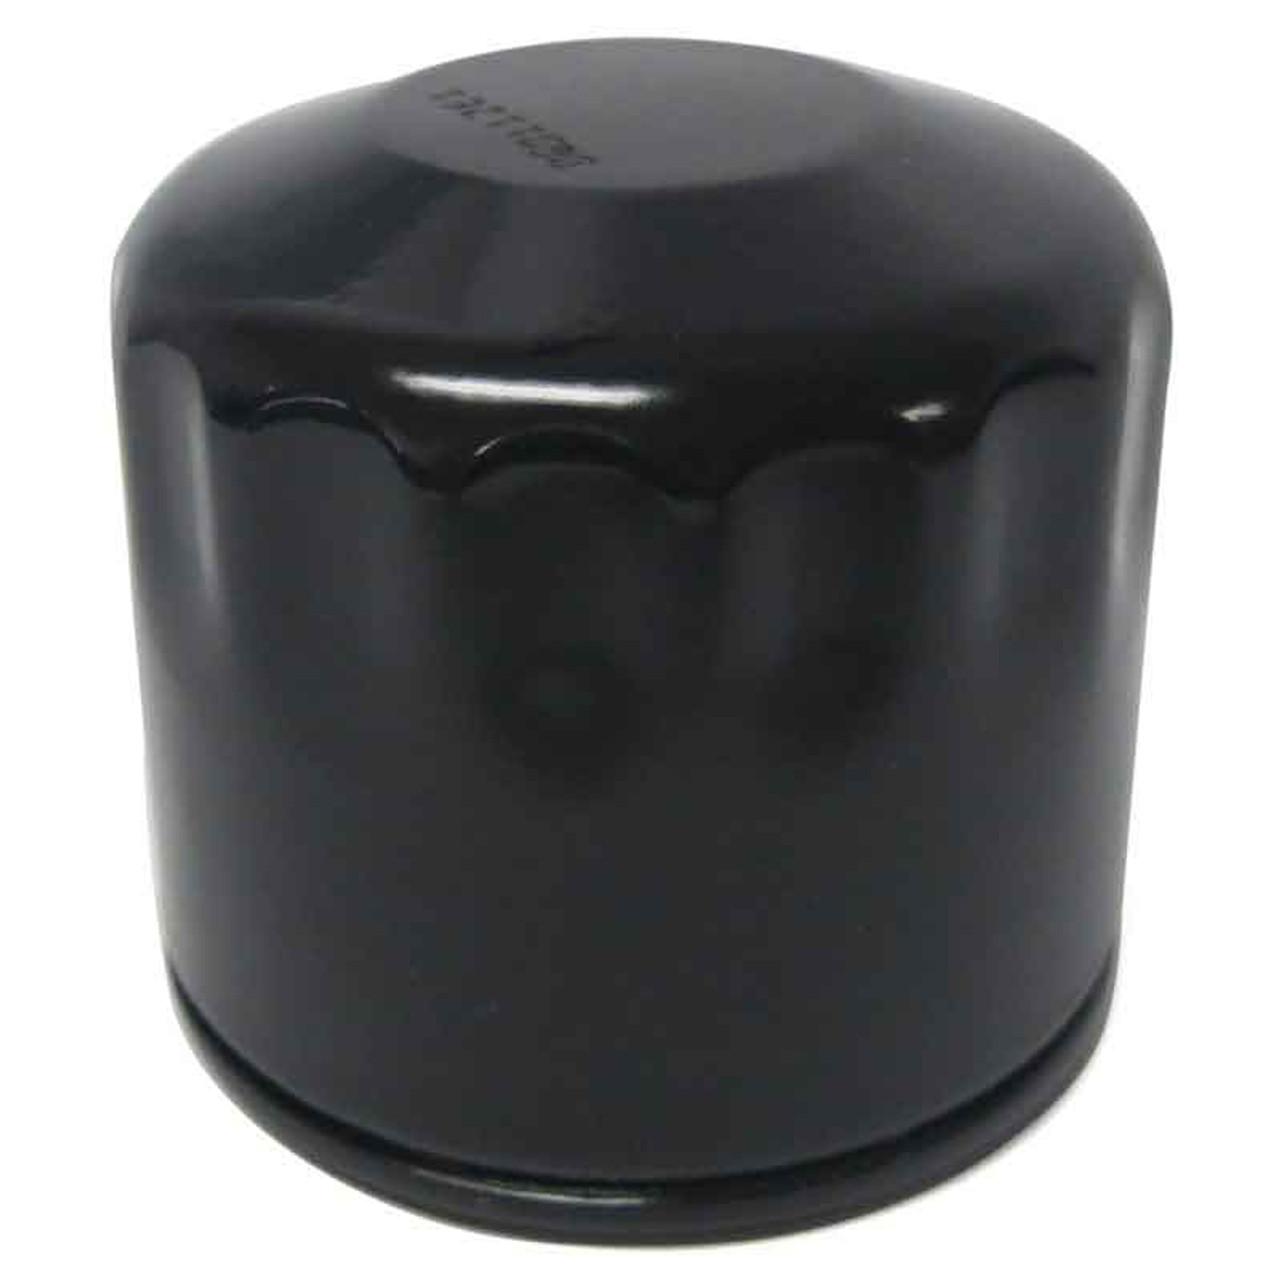 Kohler 52-050-02 Oil Filter